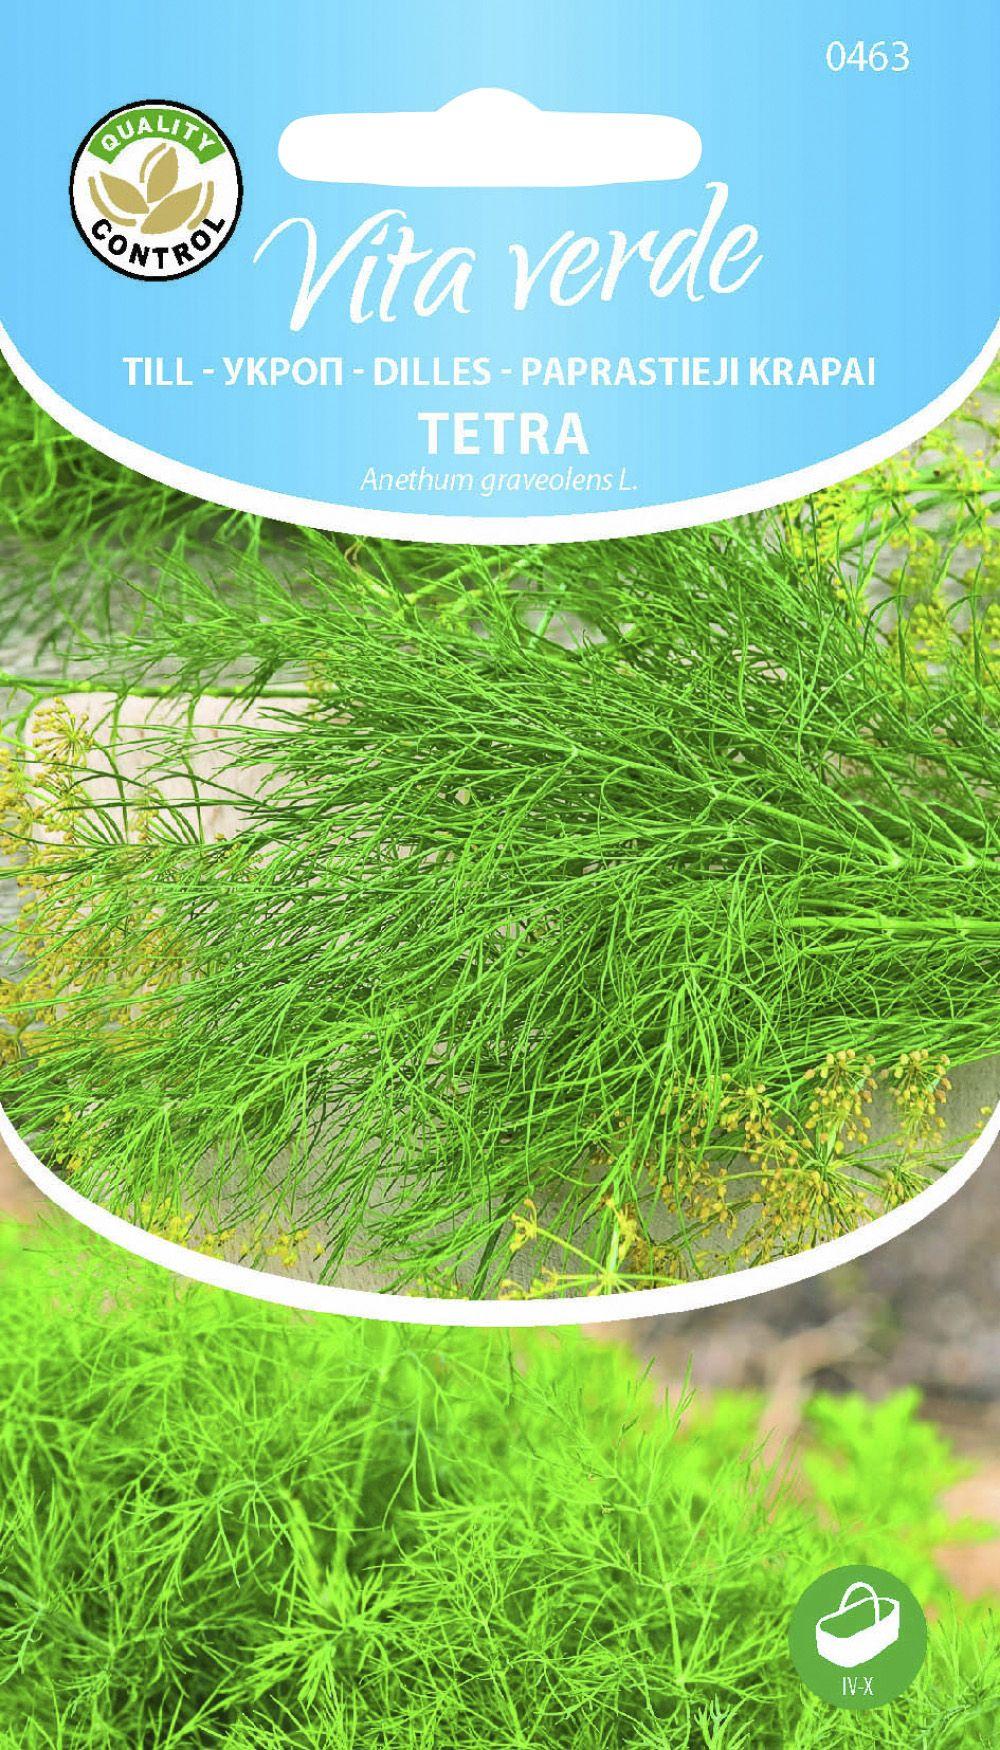 Till Tetra